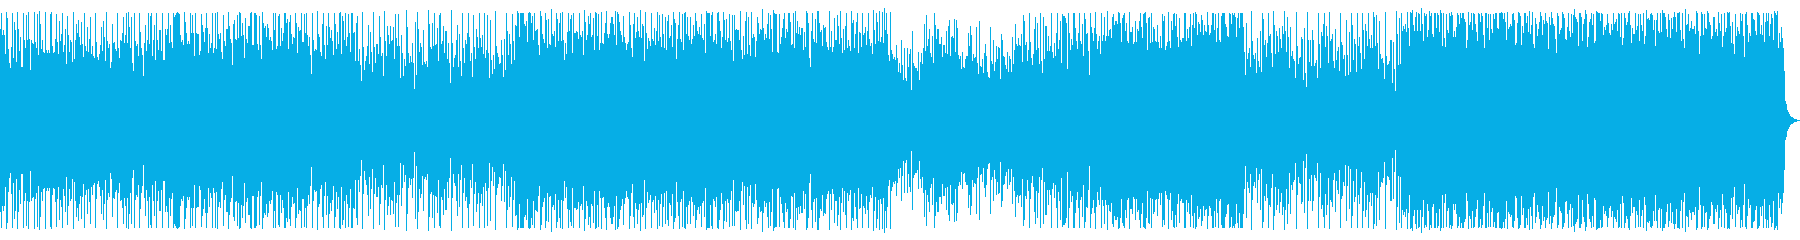 ギター/インディーロック_No454_1の再生済みの波形